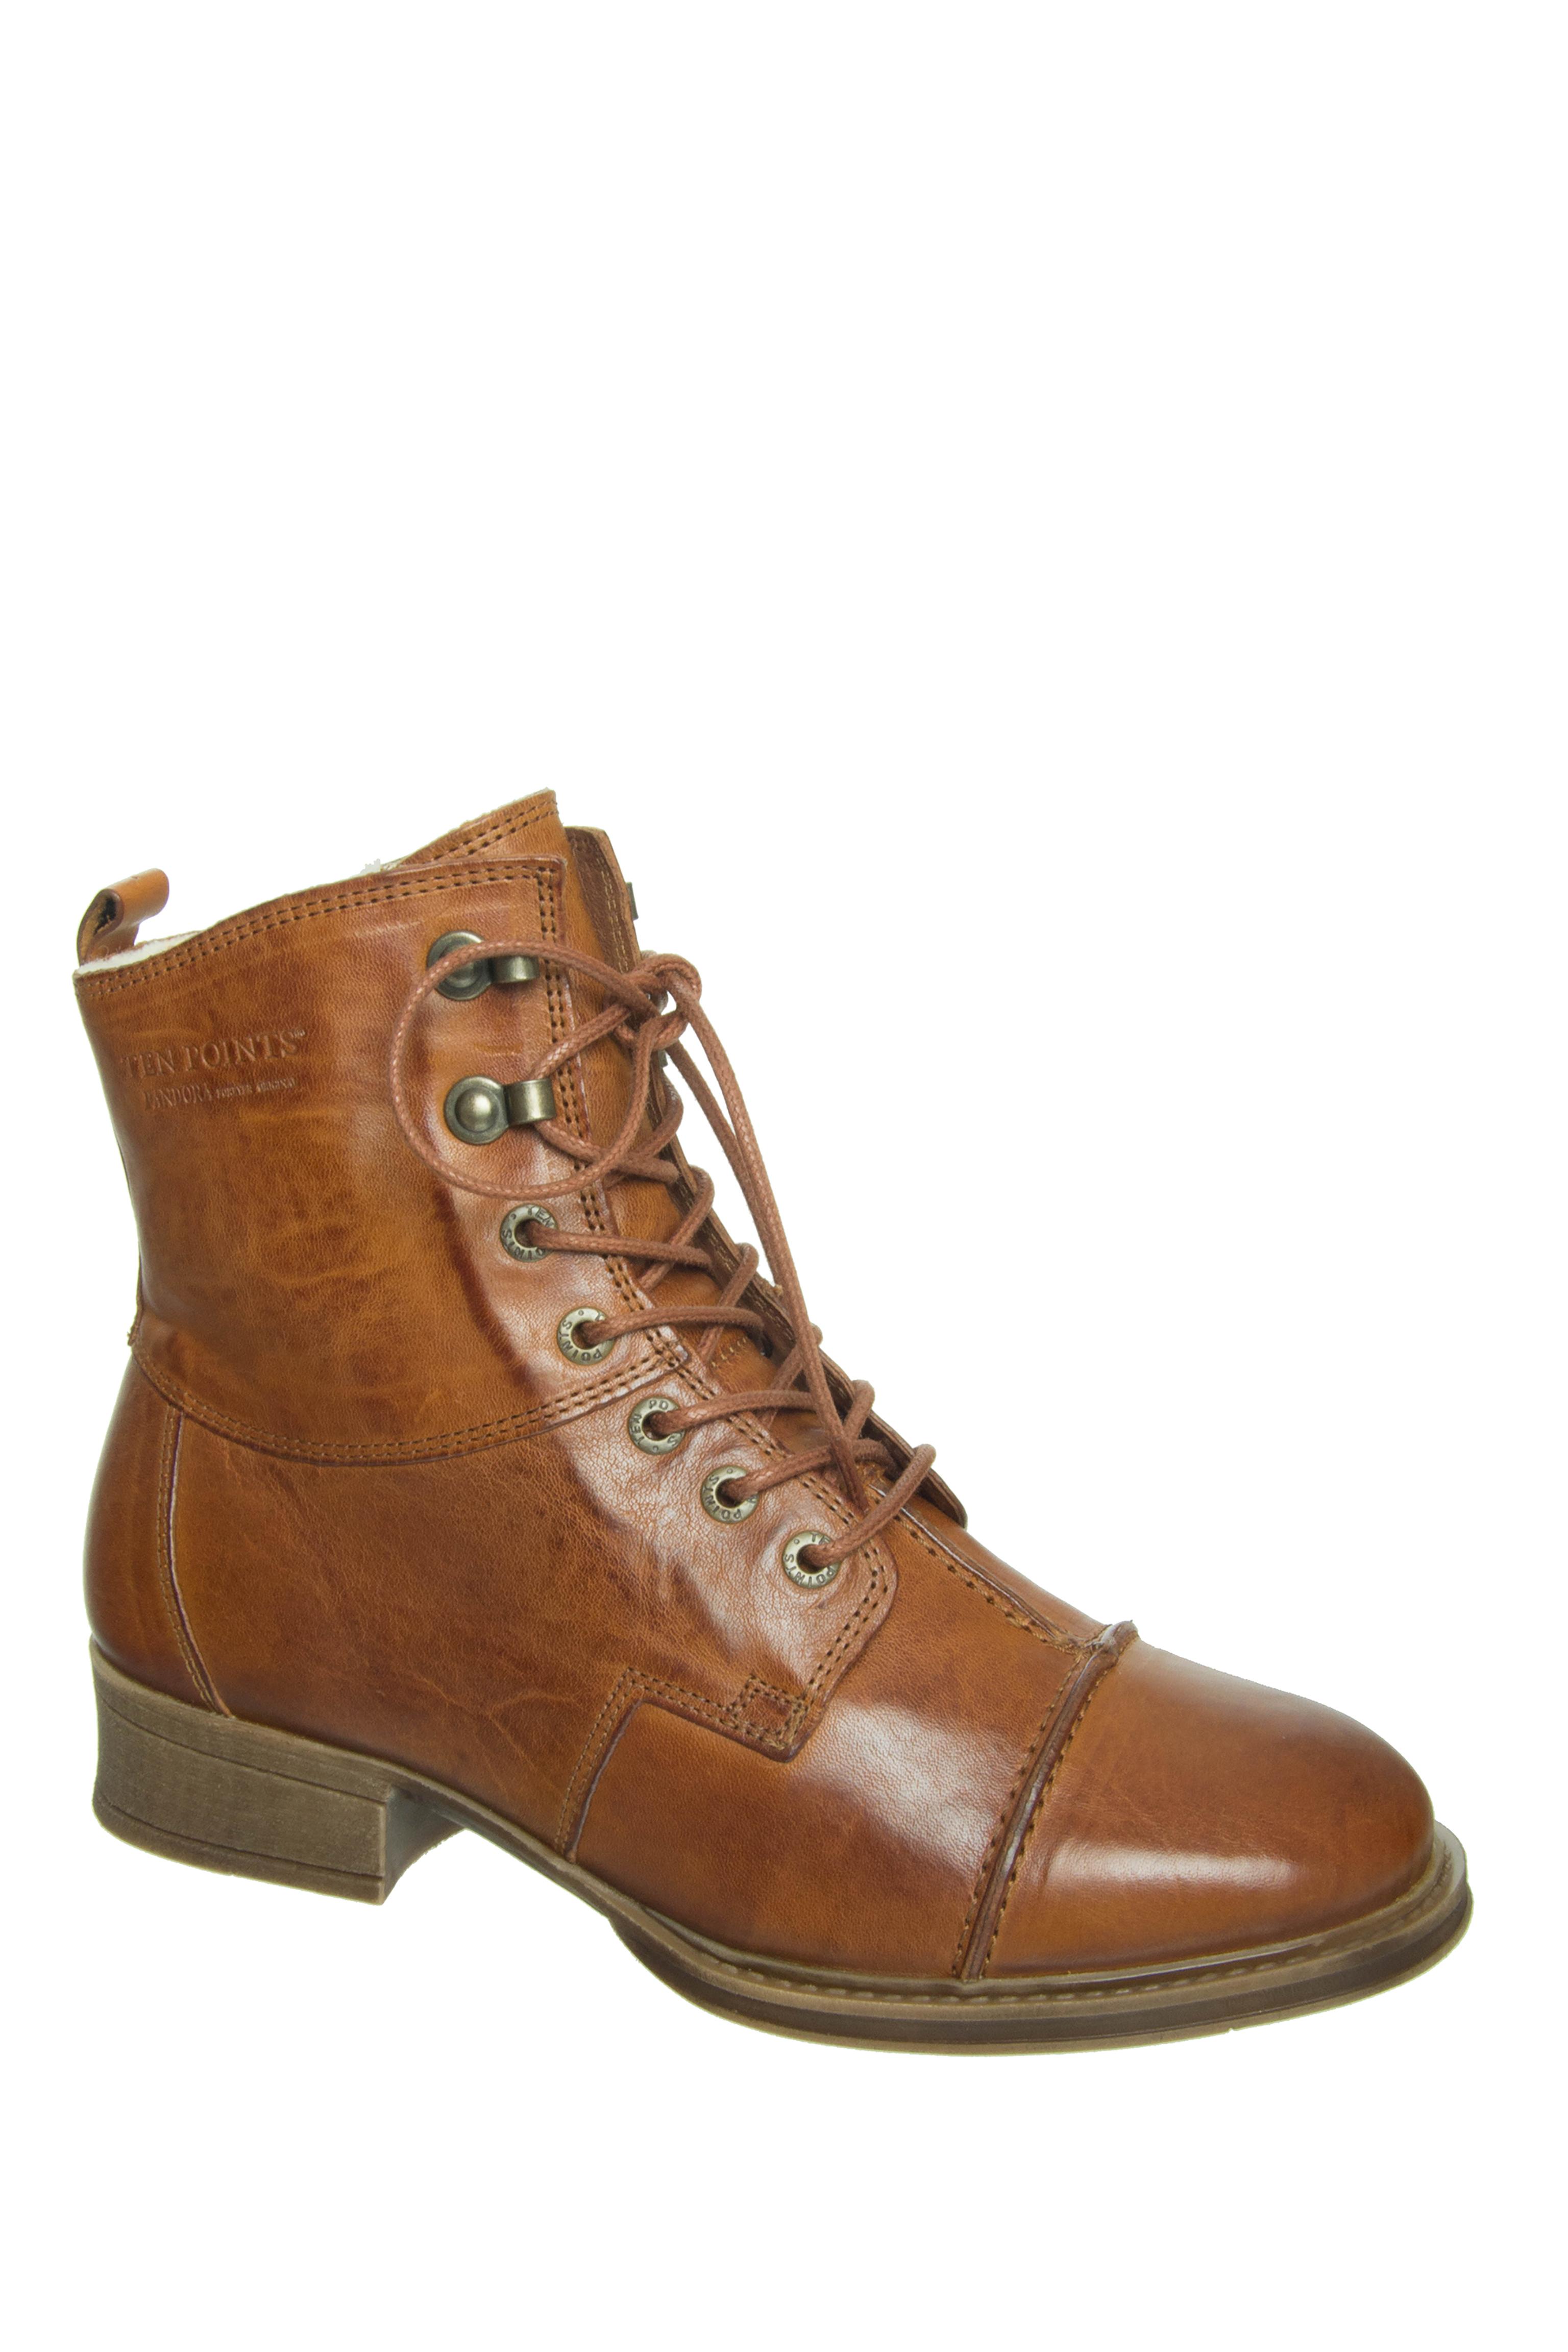 Ten Points Pandora Lined Low Heel Boots - Cognac